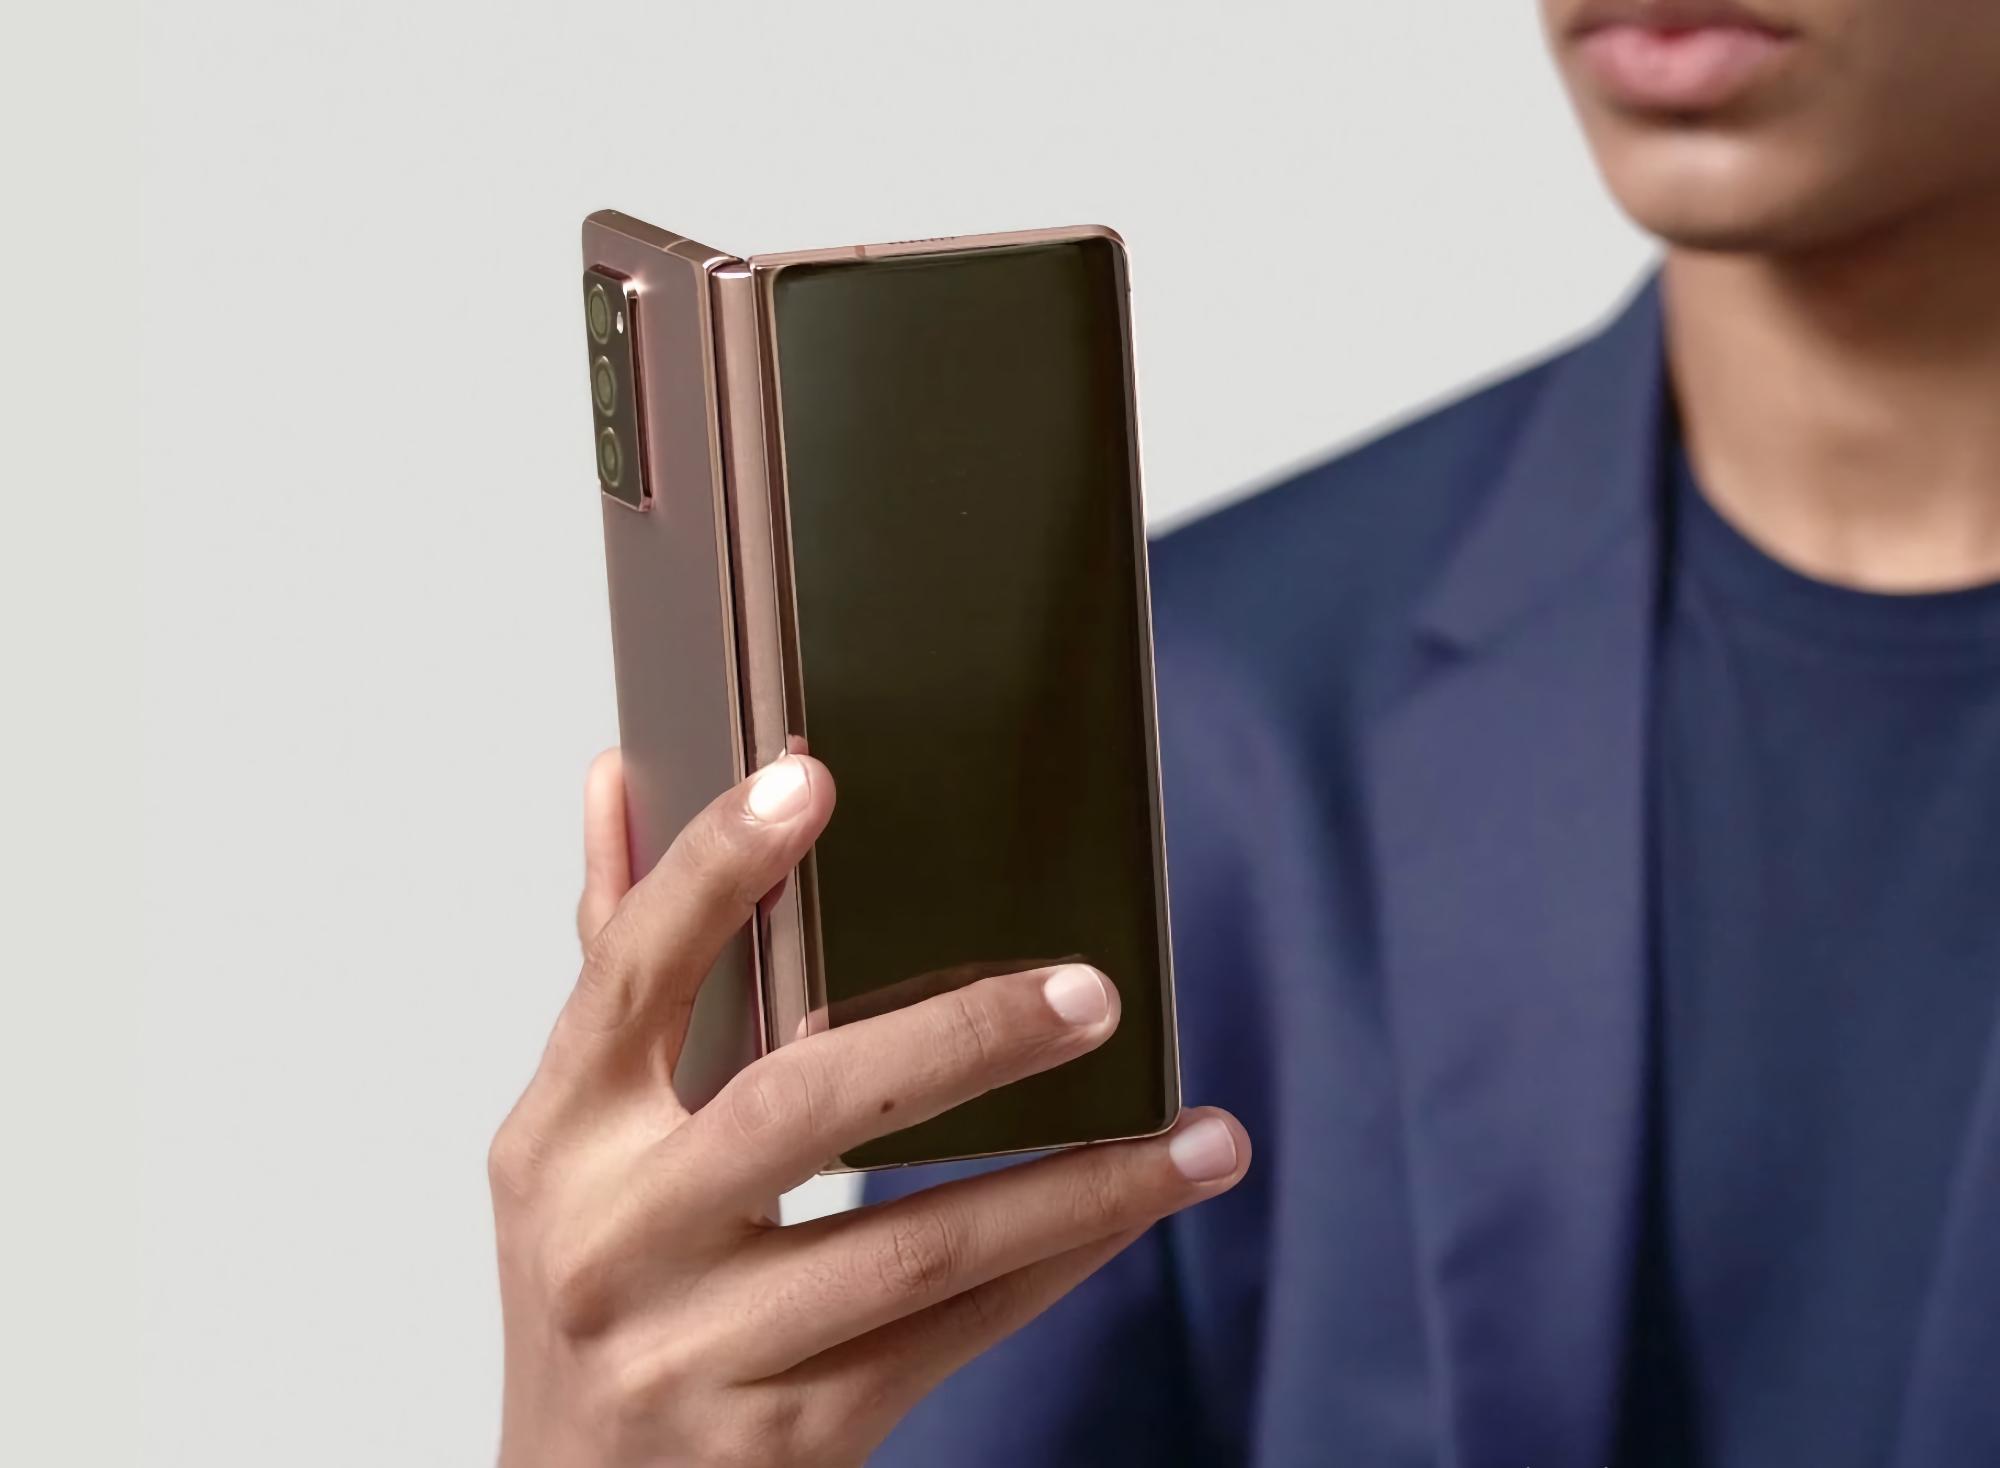 Xiaomi анонсирует свой первый складной смартфон 29 марта (но это не точно)